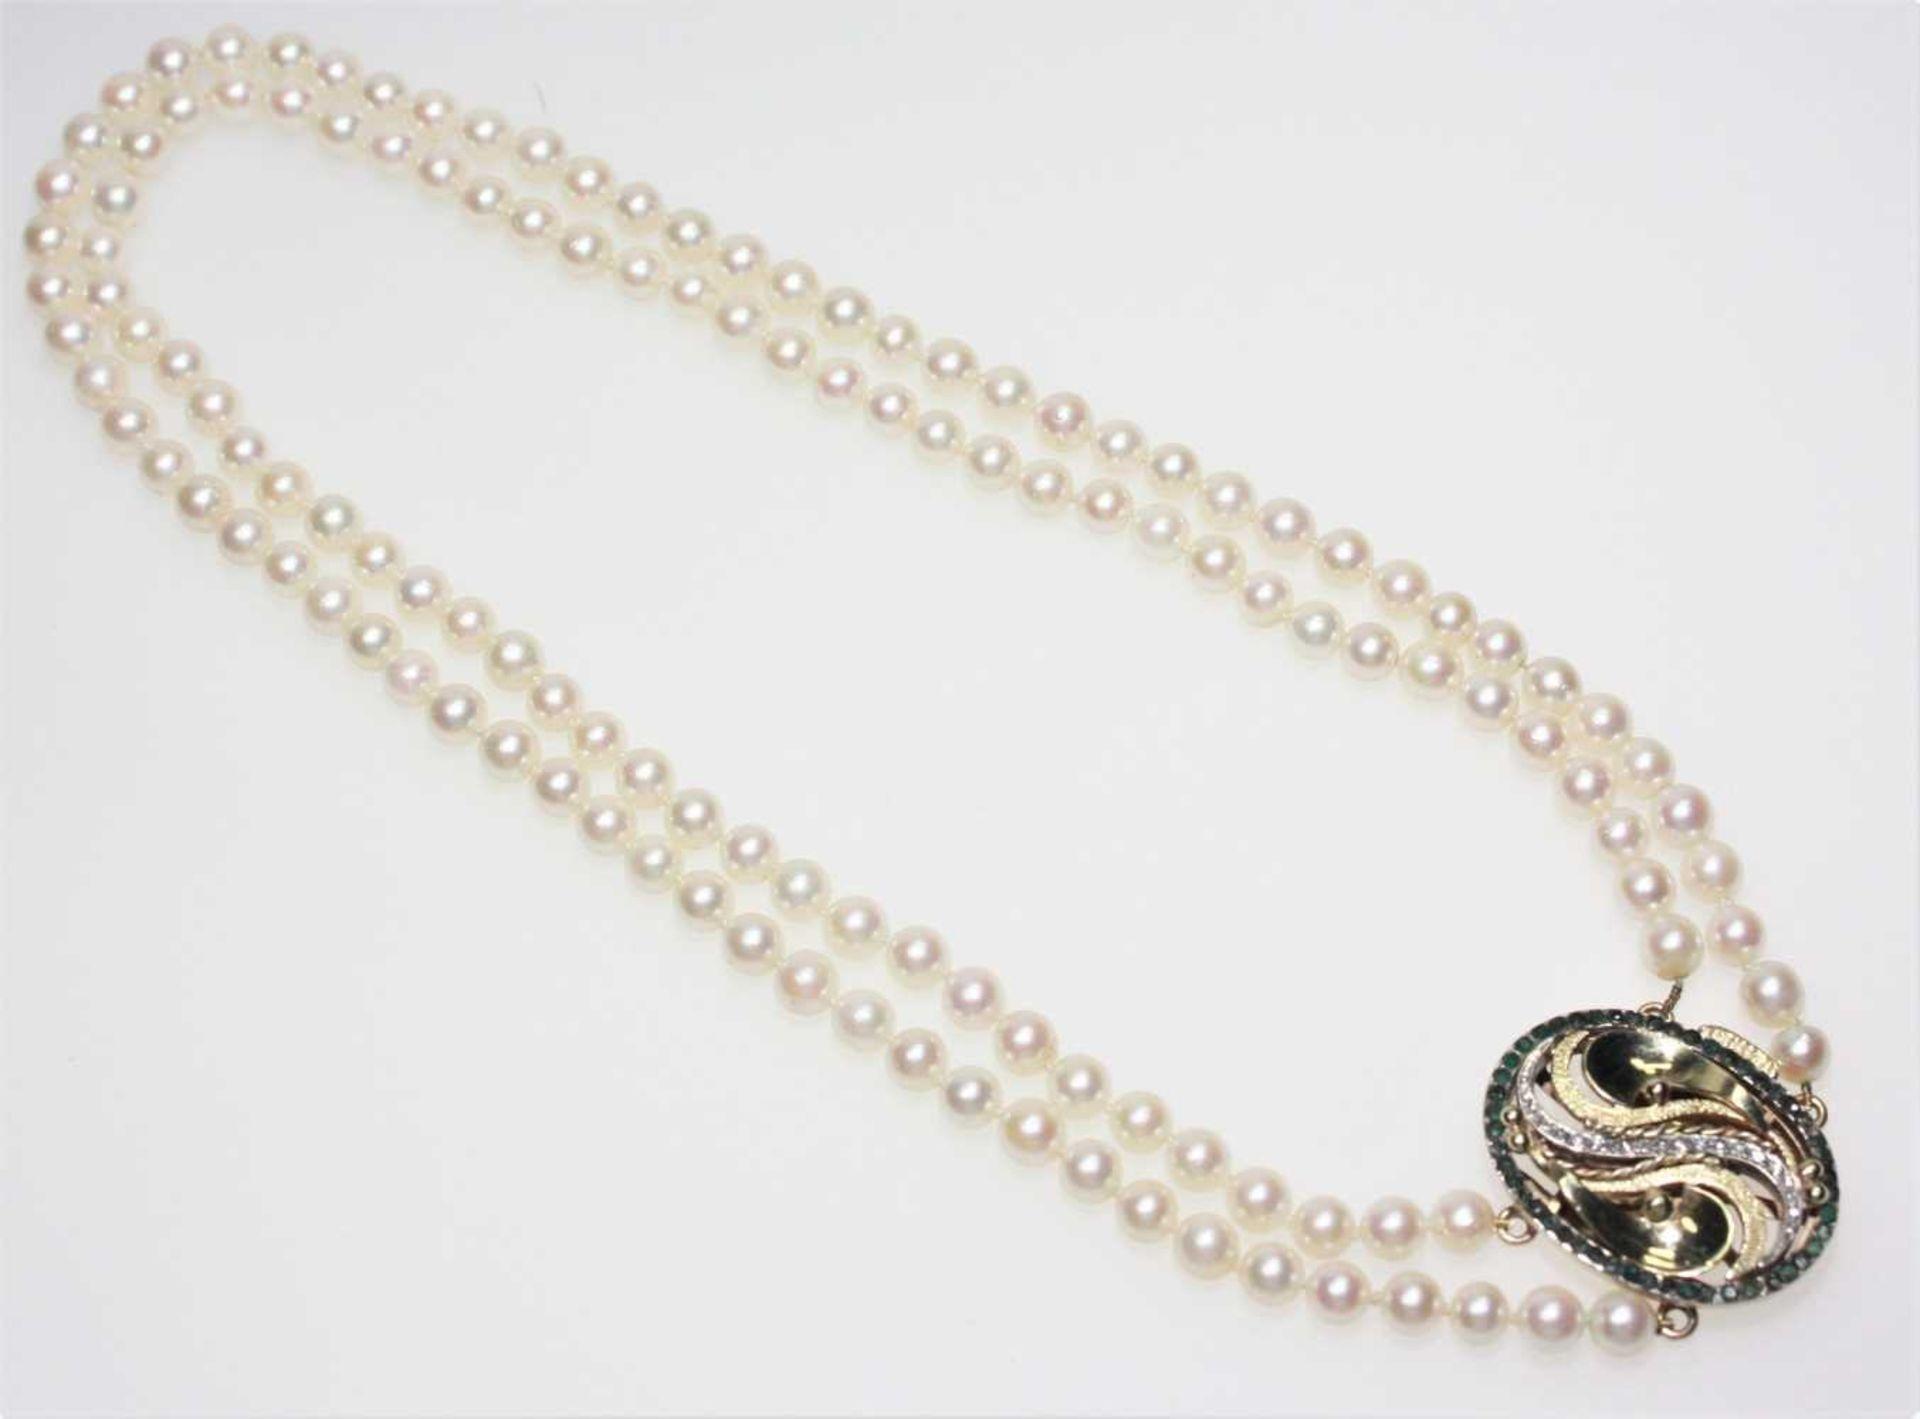 Zweireihige Zuchtperlenkette Choker, Perldurchmesser ca. 6?–?6,4 mm, größeres, vorne zu tragendes